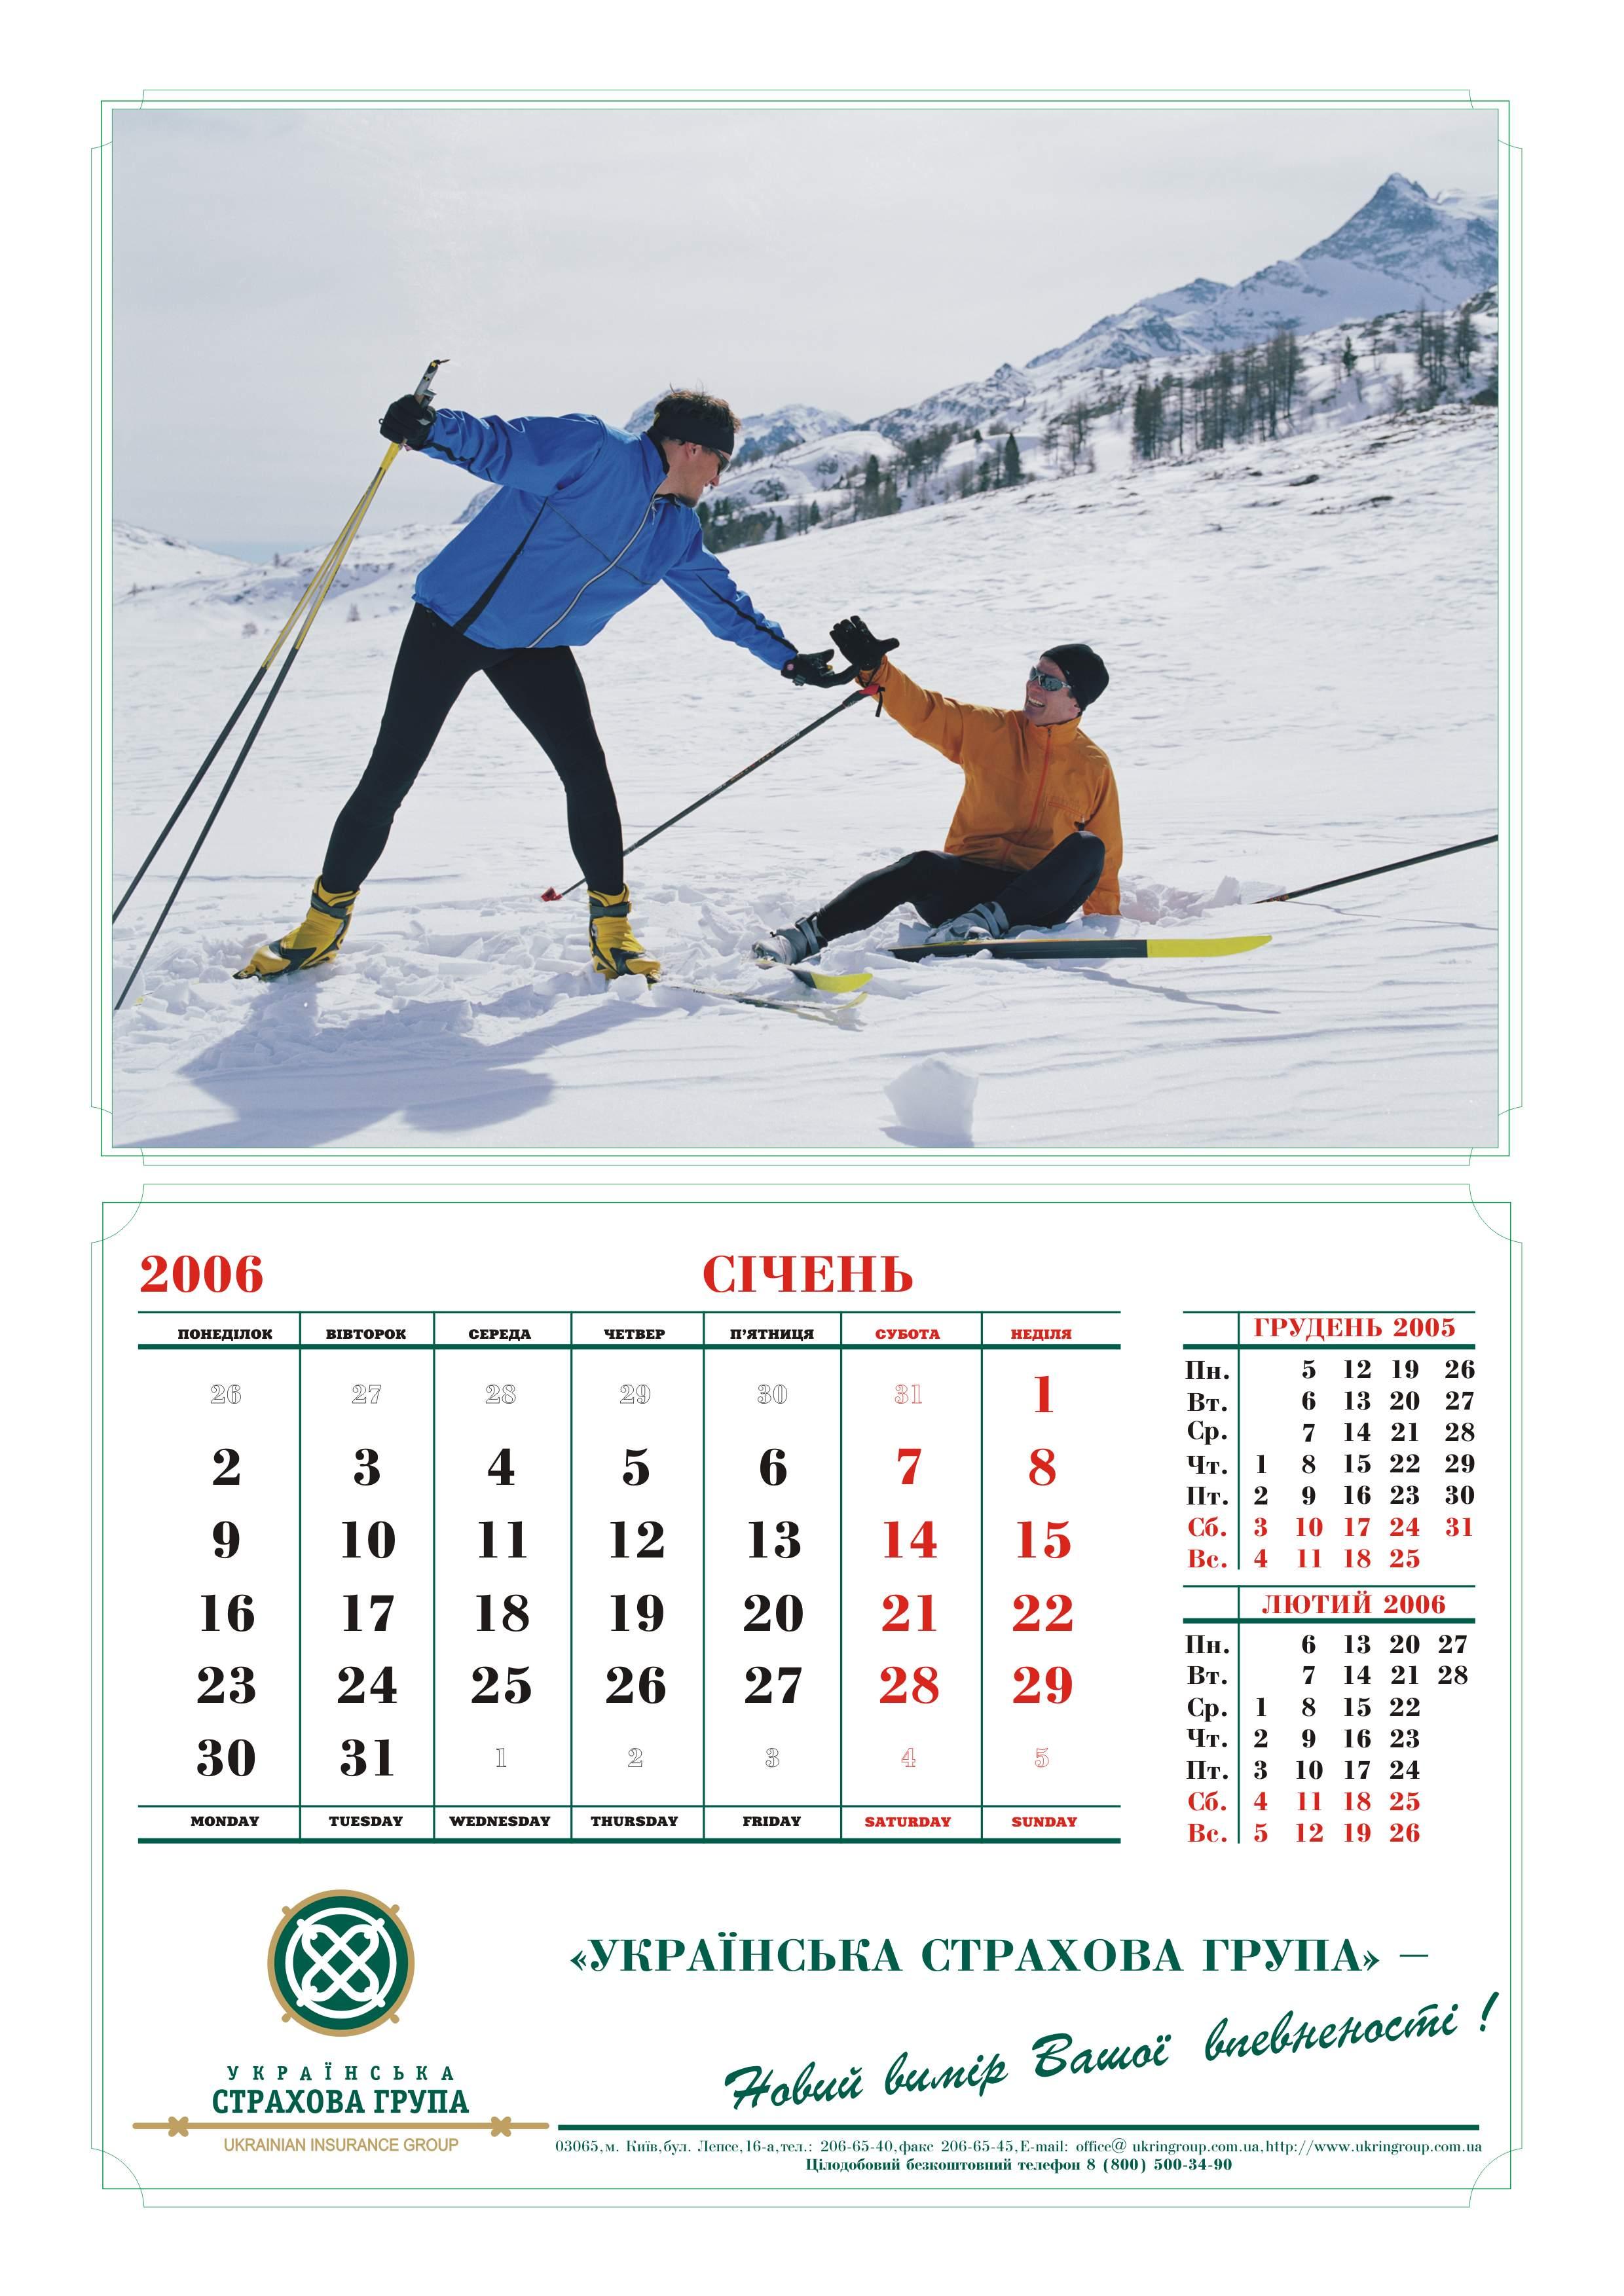 Дизайн настенного перекидного календаря для страховой компании. Январь